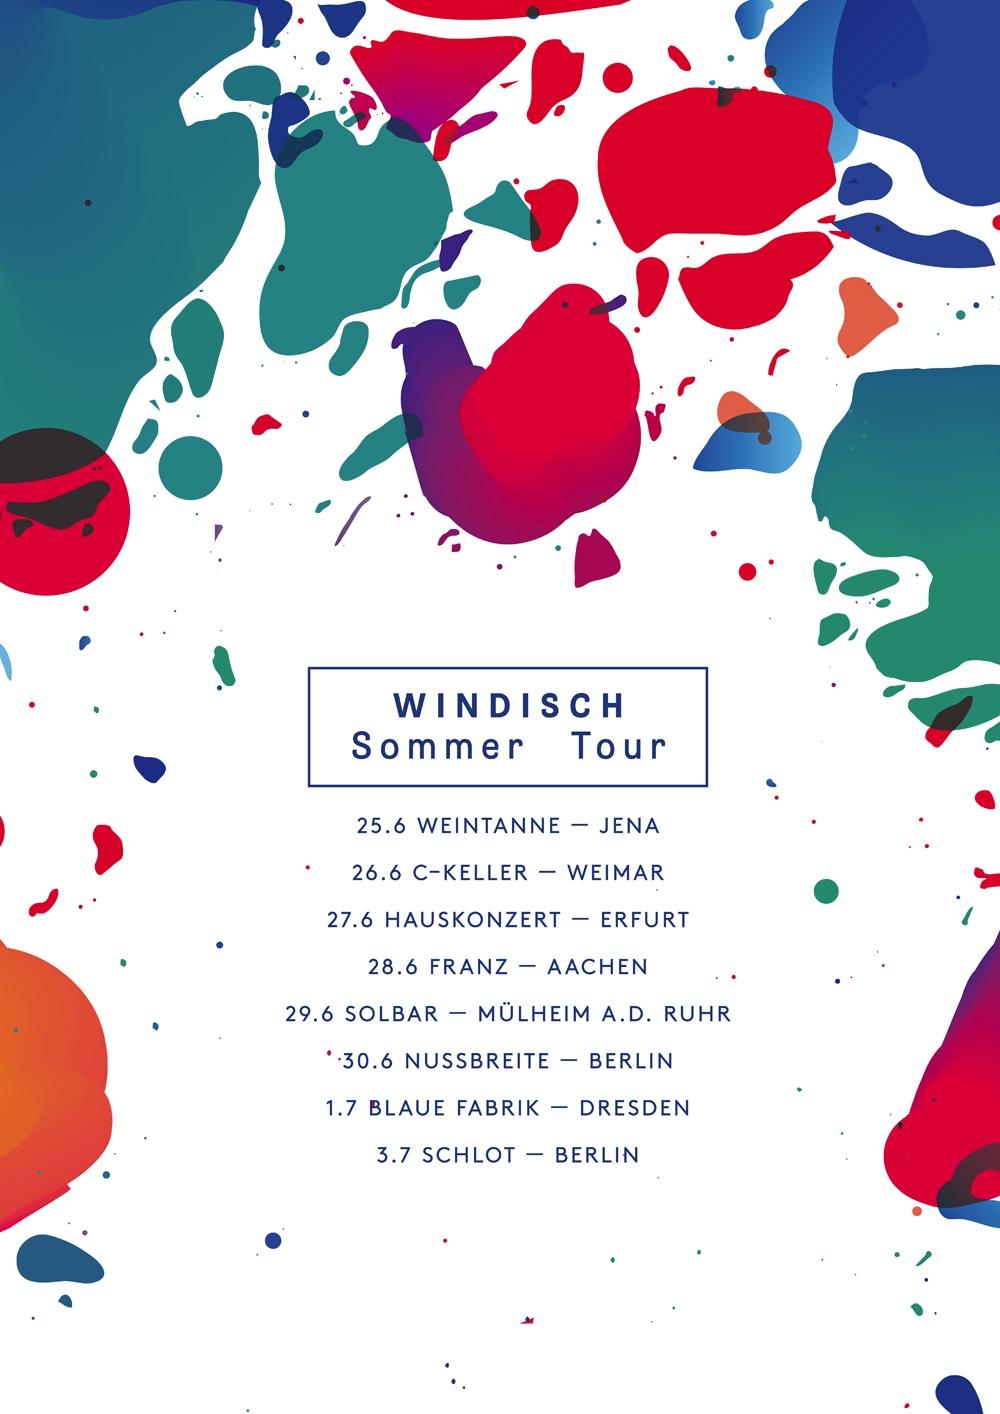 Julius Windisch tour, design to - vekalex | ello